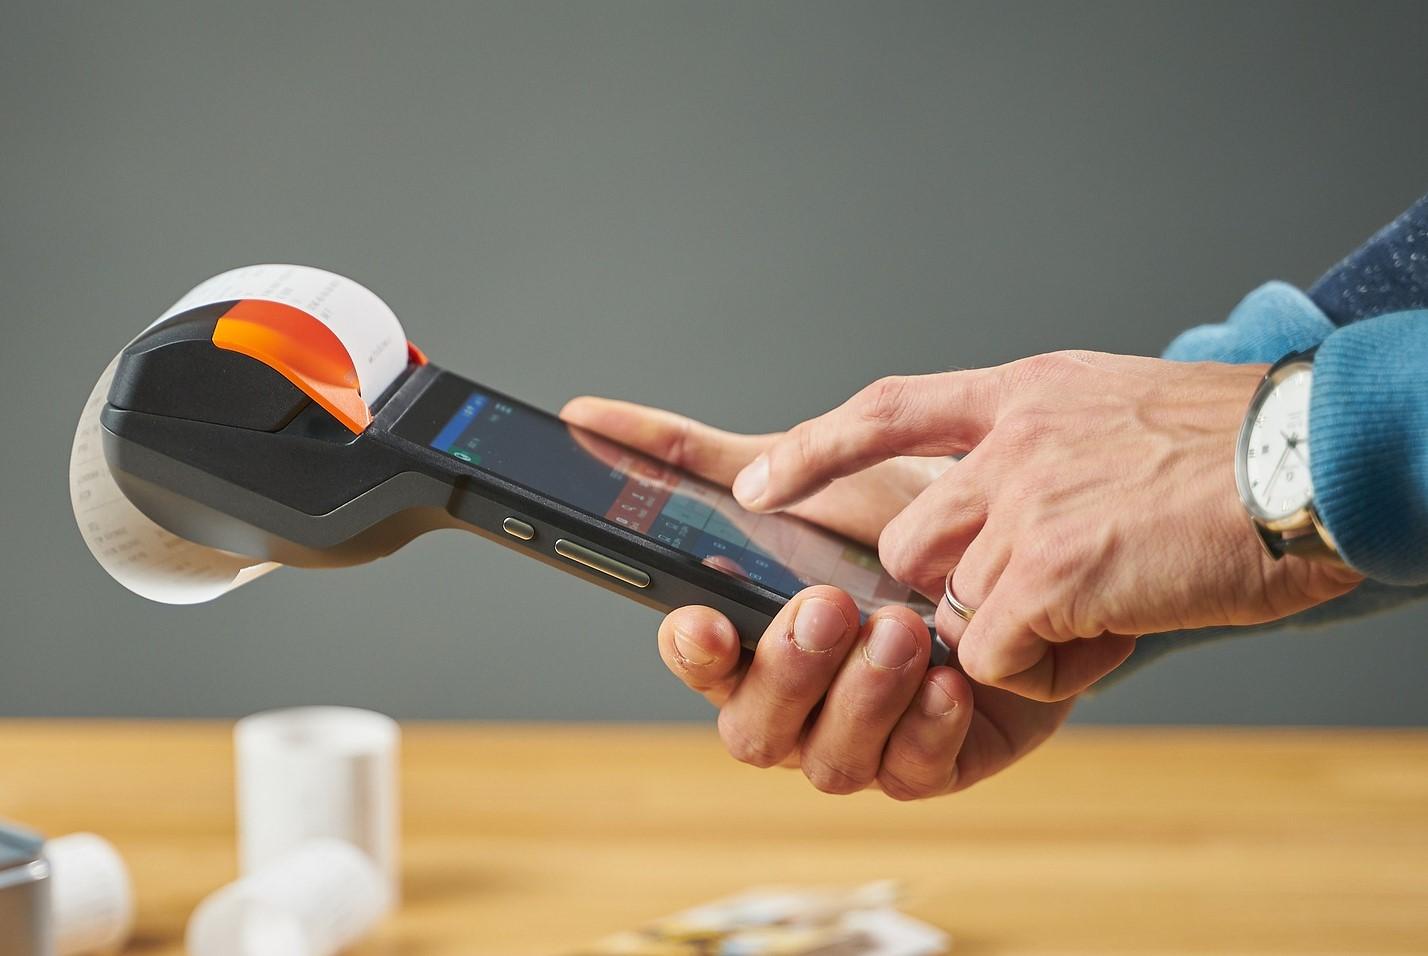 FPP i CALPE: Wirtualne kasy fiskalne to mniejsza szara strefa i niższe koszty